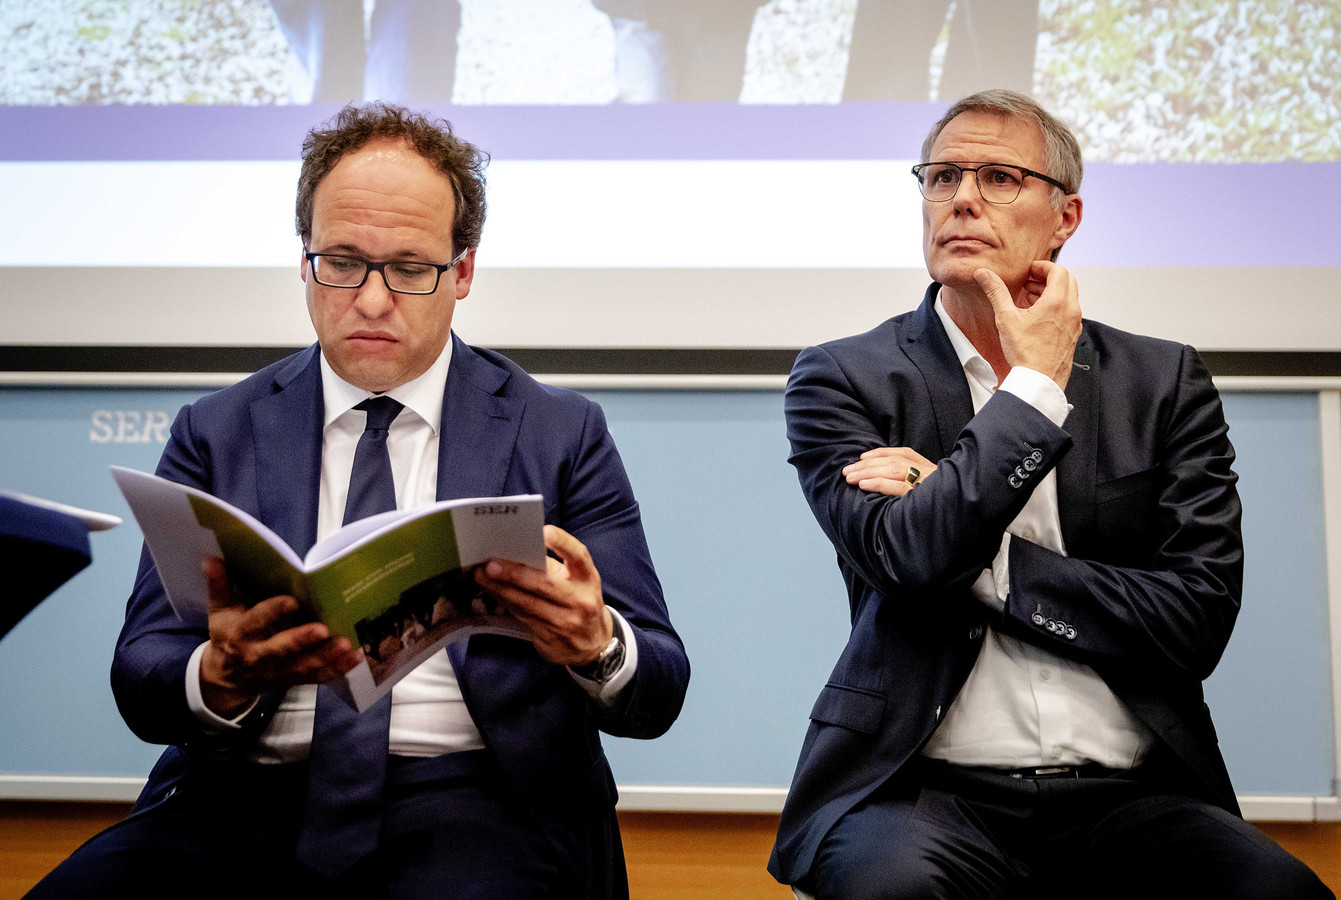 Minister Koolmees van Sociale Zaken en Werkgelegenheid en Han Busker, voorzitter van de FNV tijdens de presentatie van de vernieuwing van het pensioenstelsel.